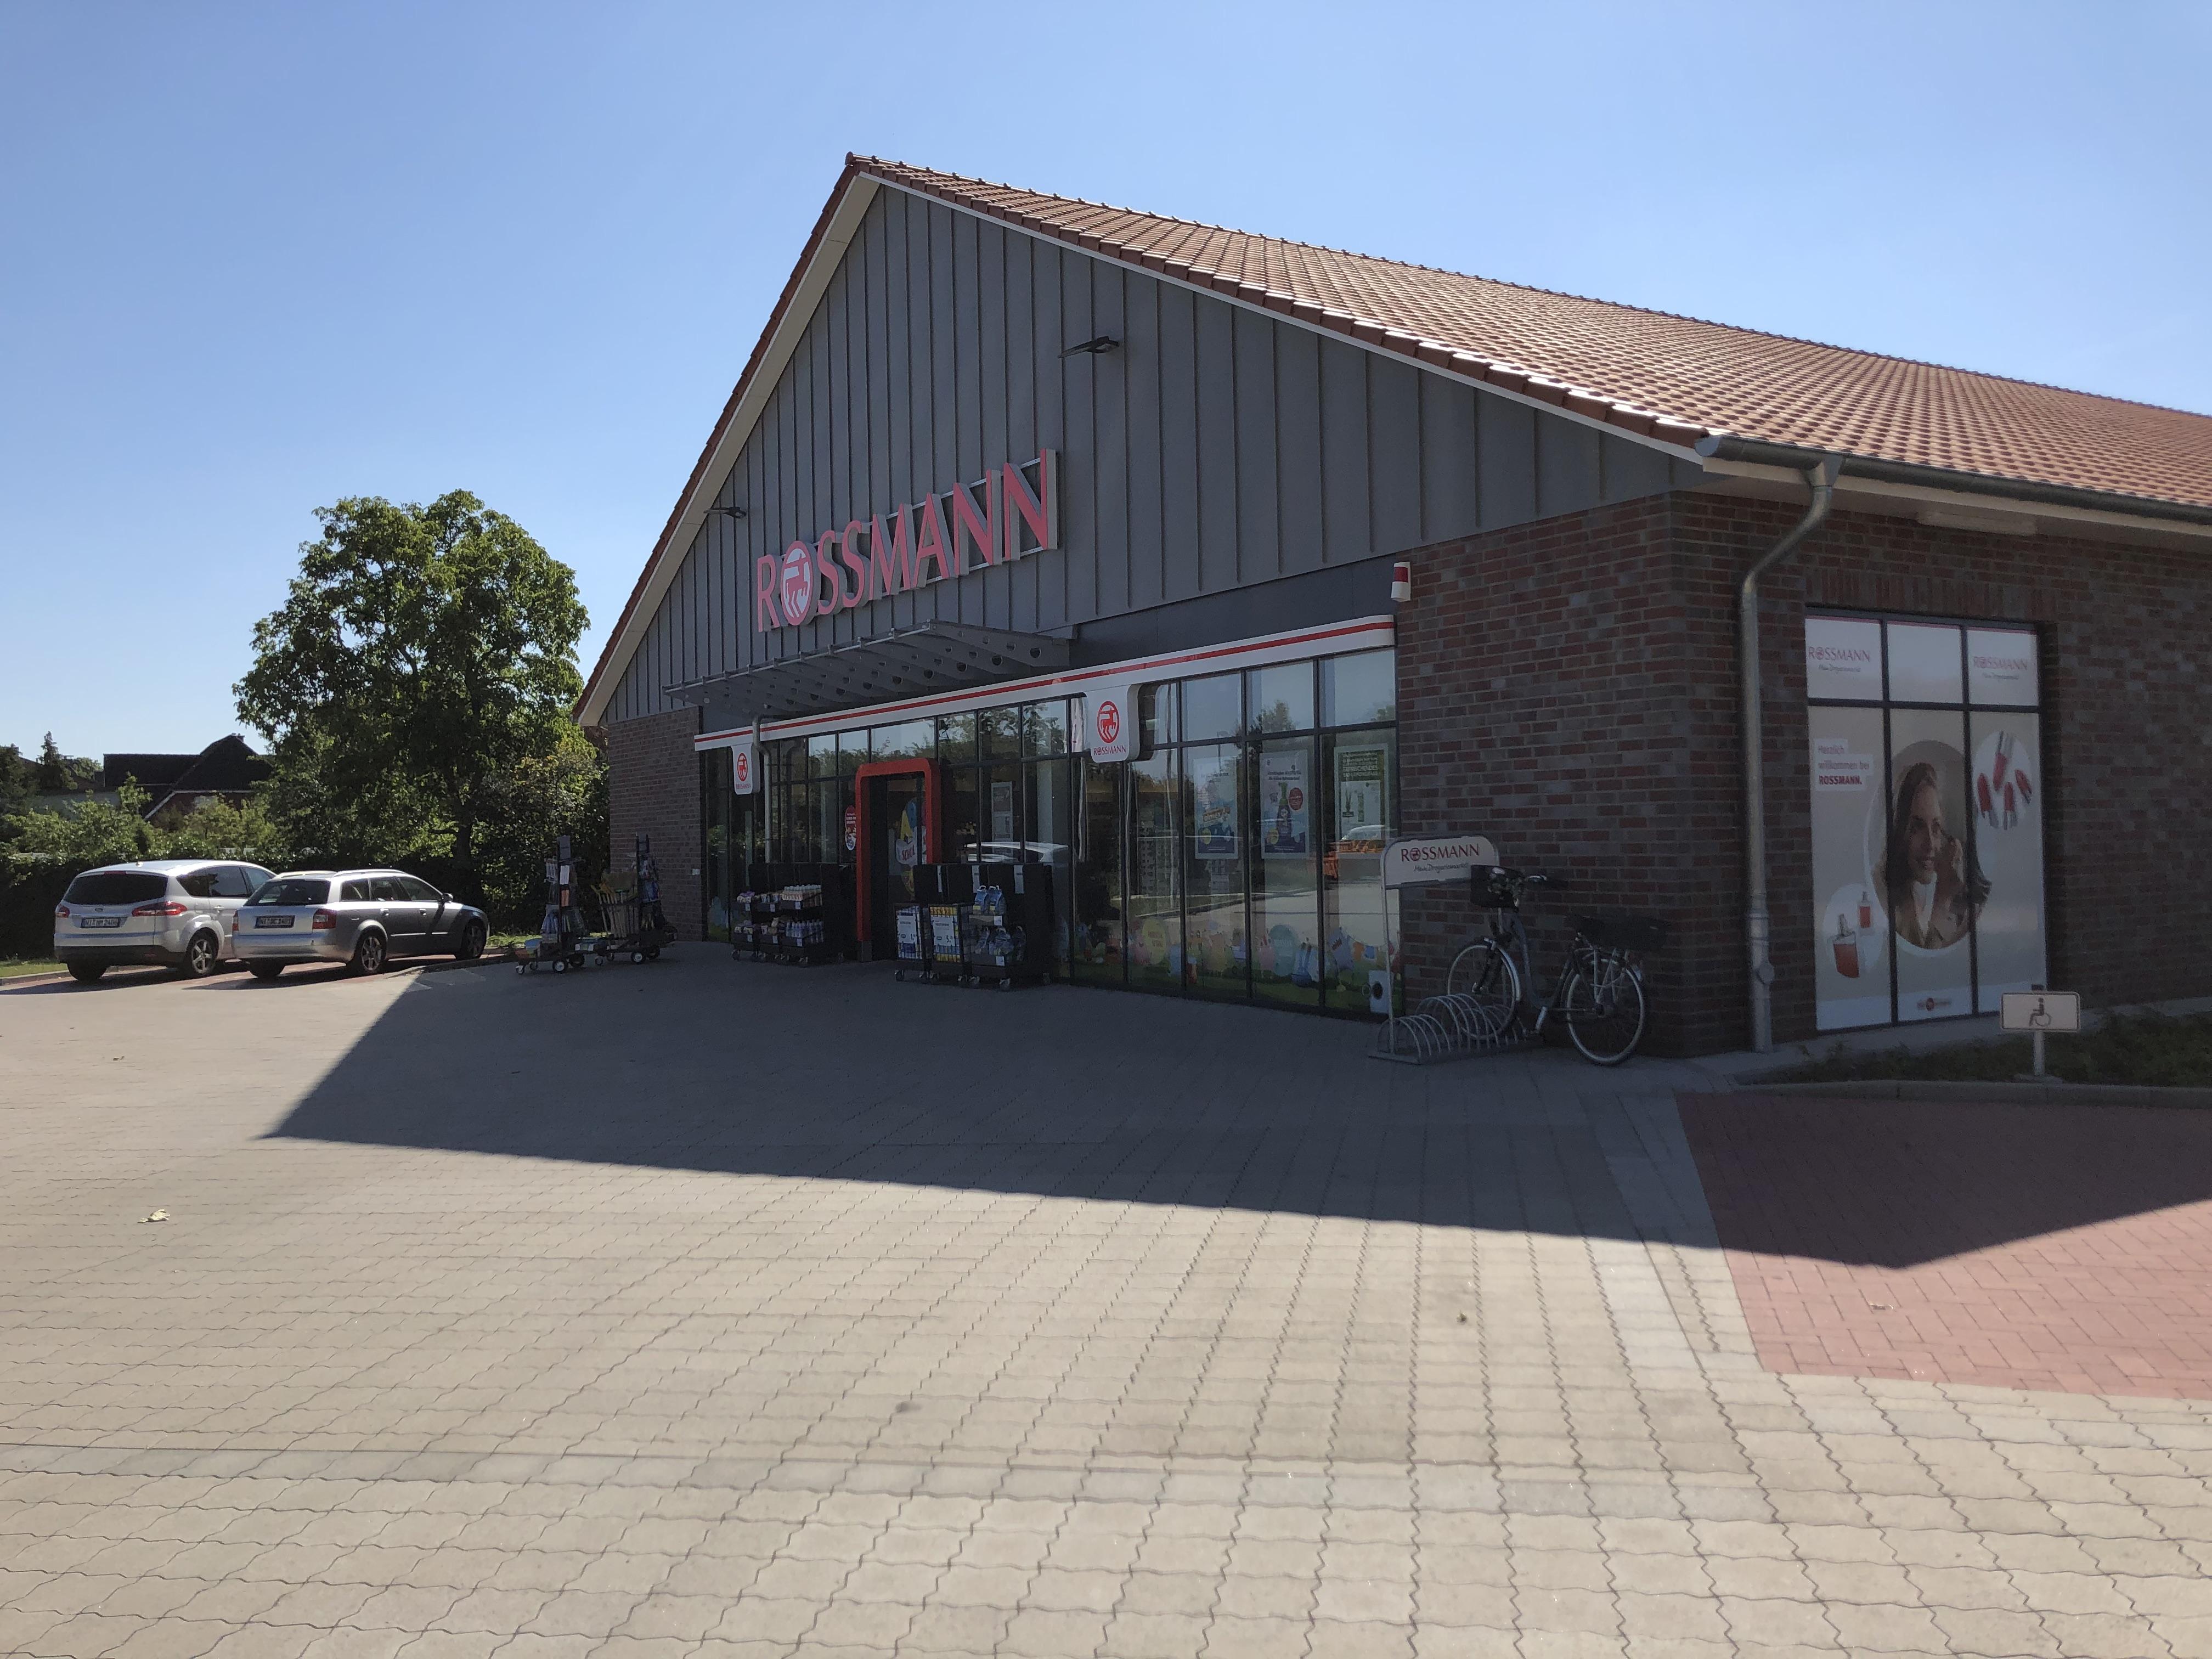 Продажа магазинов в германии однокомнатные квартиры в болгарии продать